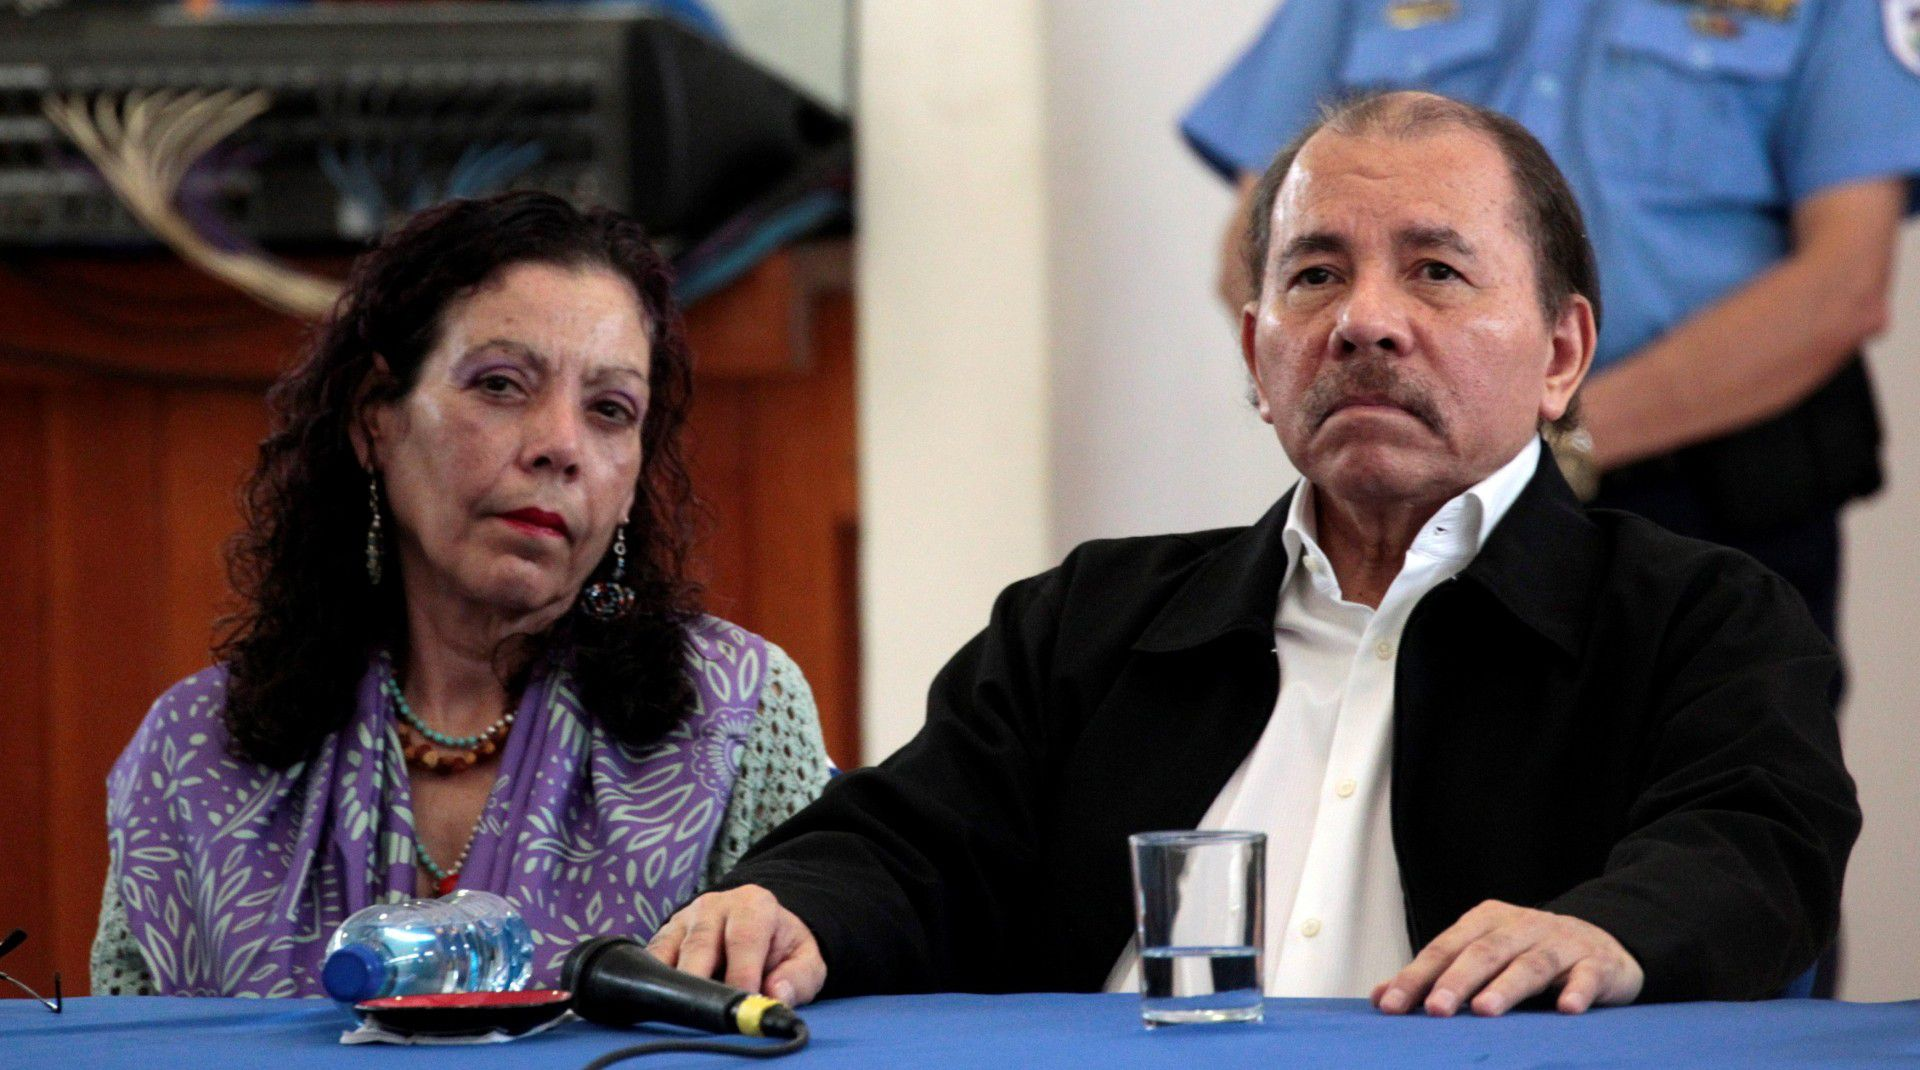 El presidente de Nicaragua, Daniel Ortega, y su esposa, la vicepresidente Rosario Murillo (REUTERS/Oswaldo Rivas)